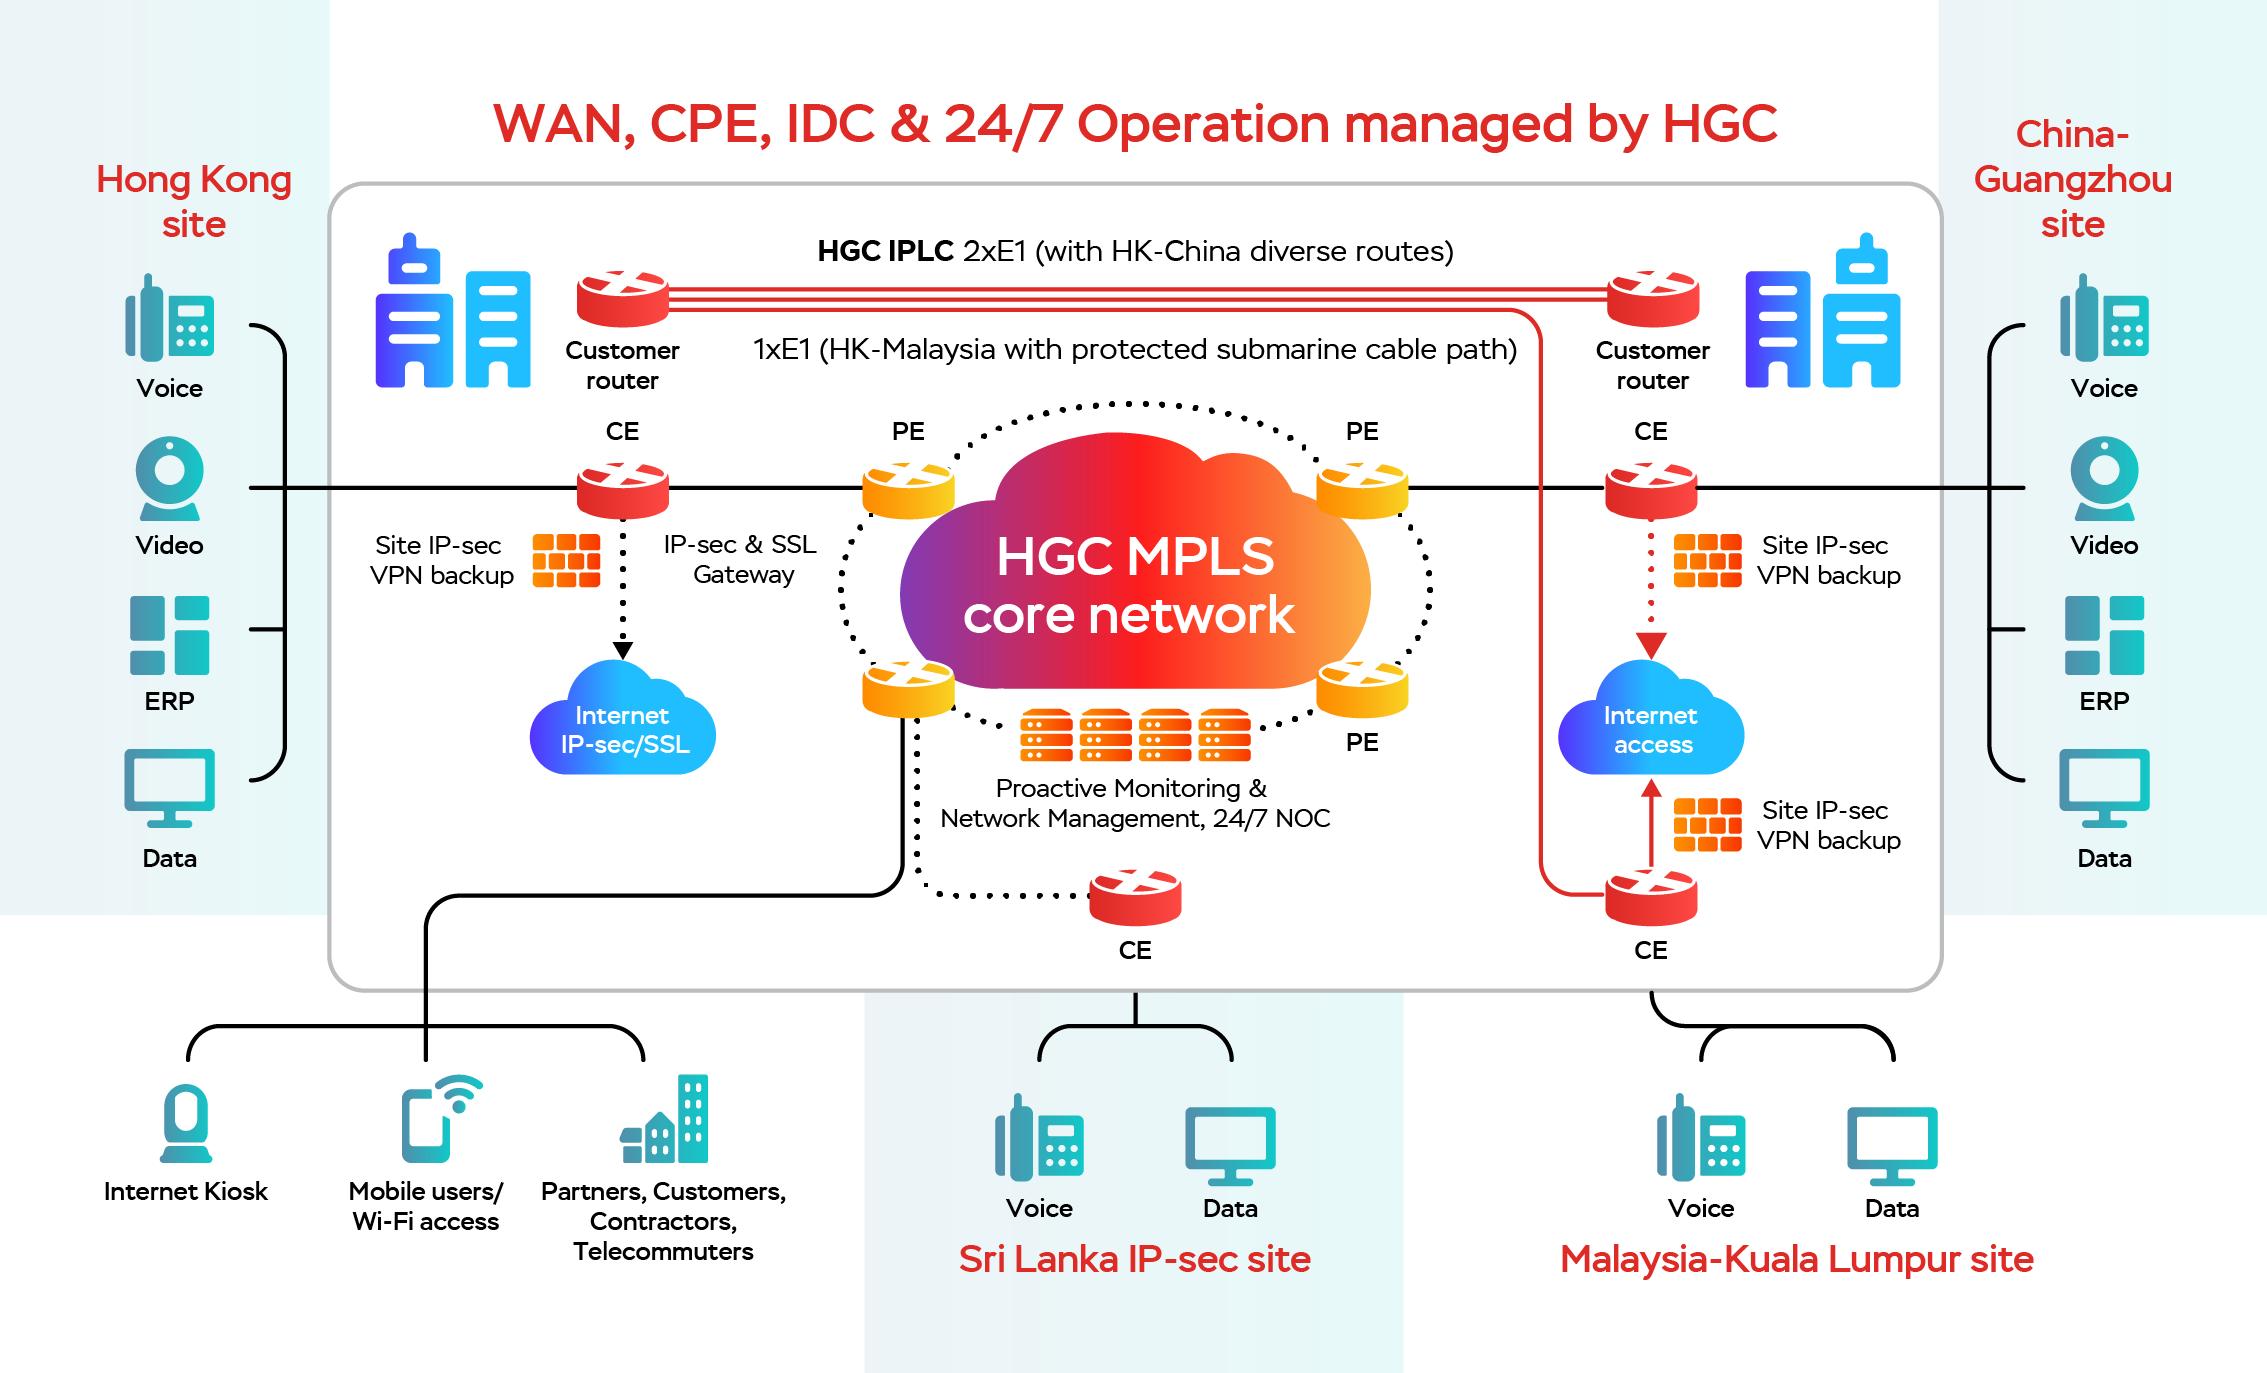 HGC_IG_MPLS.png